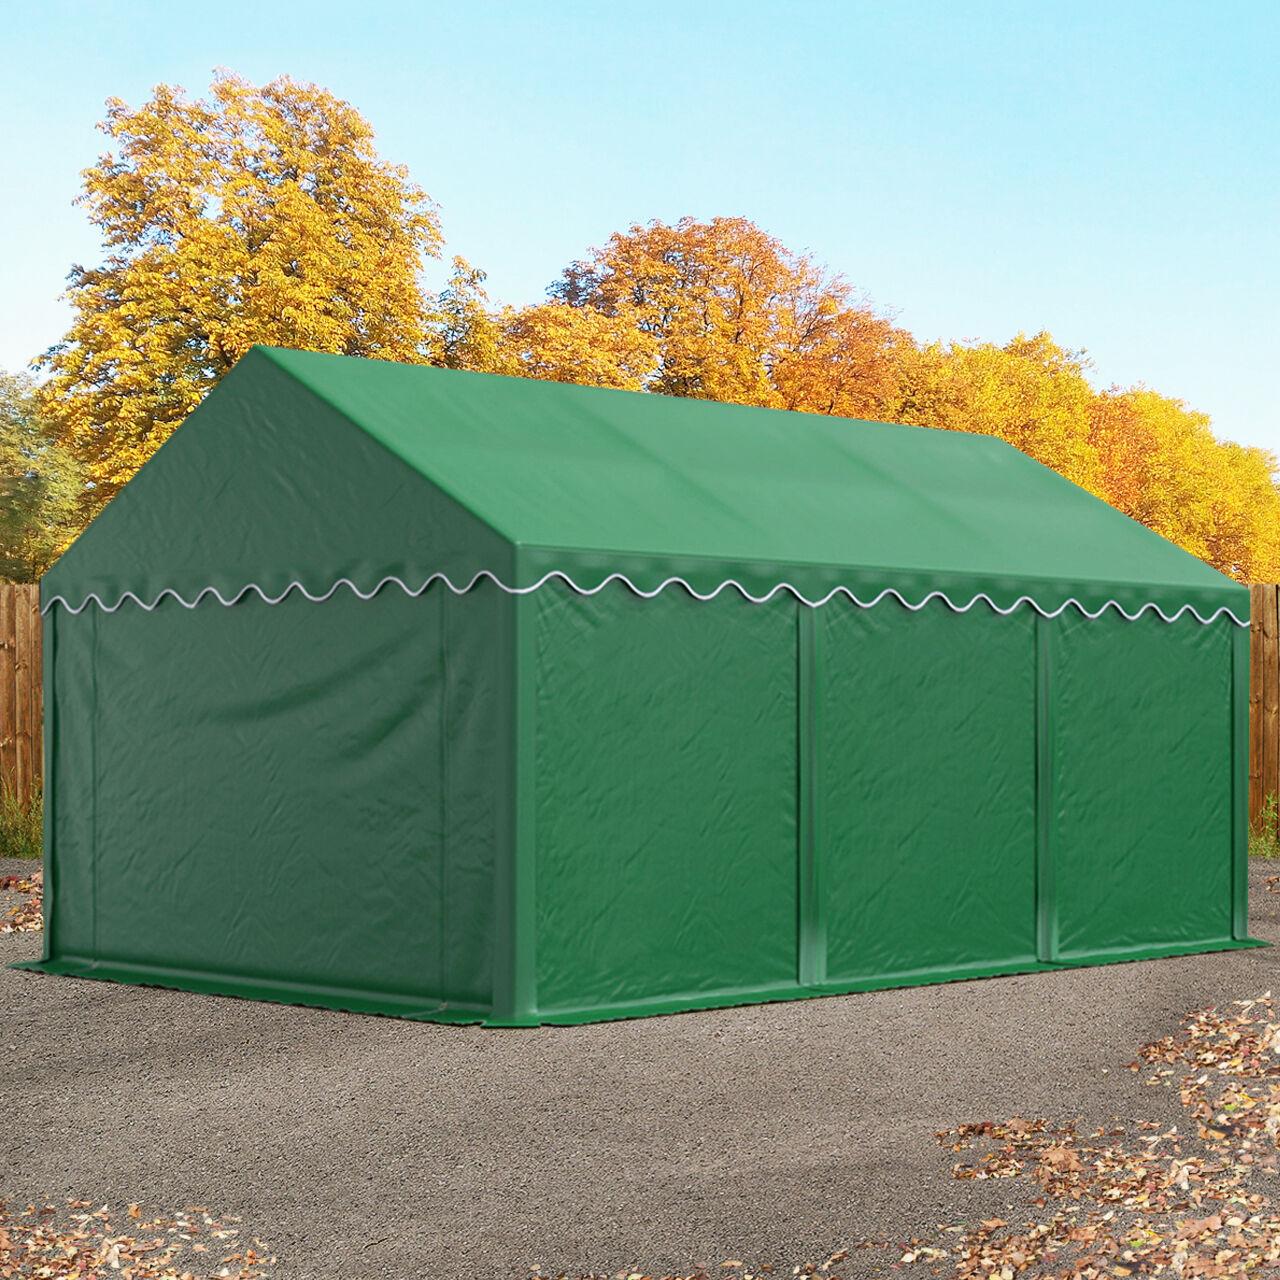 TOOLPORT Lagertelt 3x6m PVC 500 g/m² mørkegrøn 100 % vandtæt Unterstand, Lager mørkegrøn